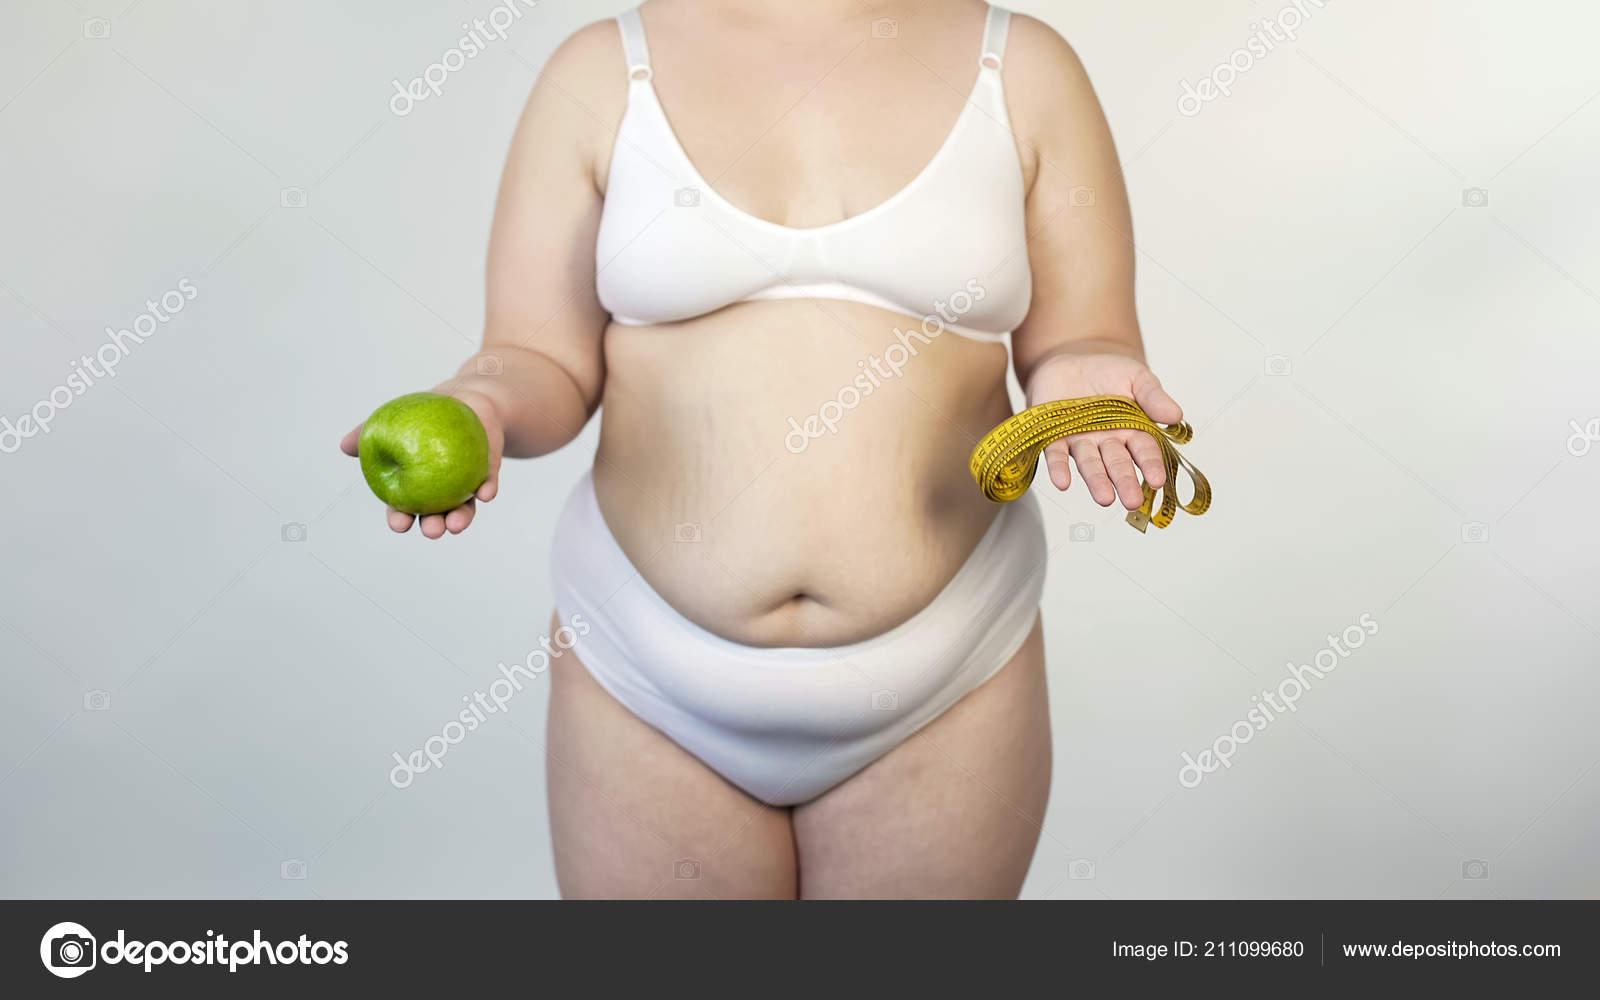 Juegos de gordas para adelgazar